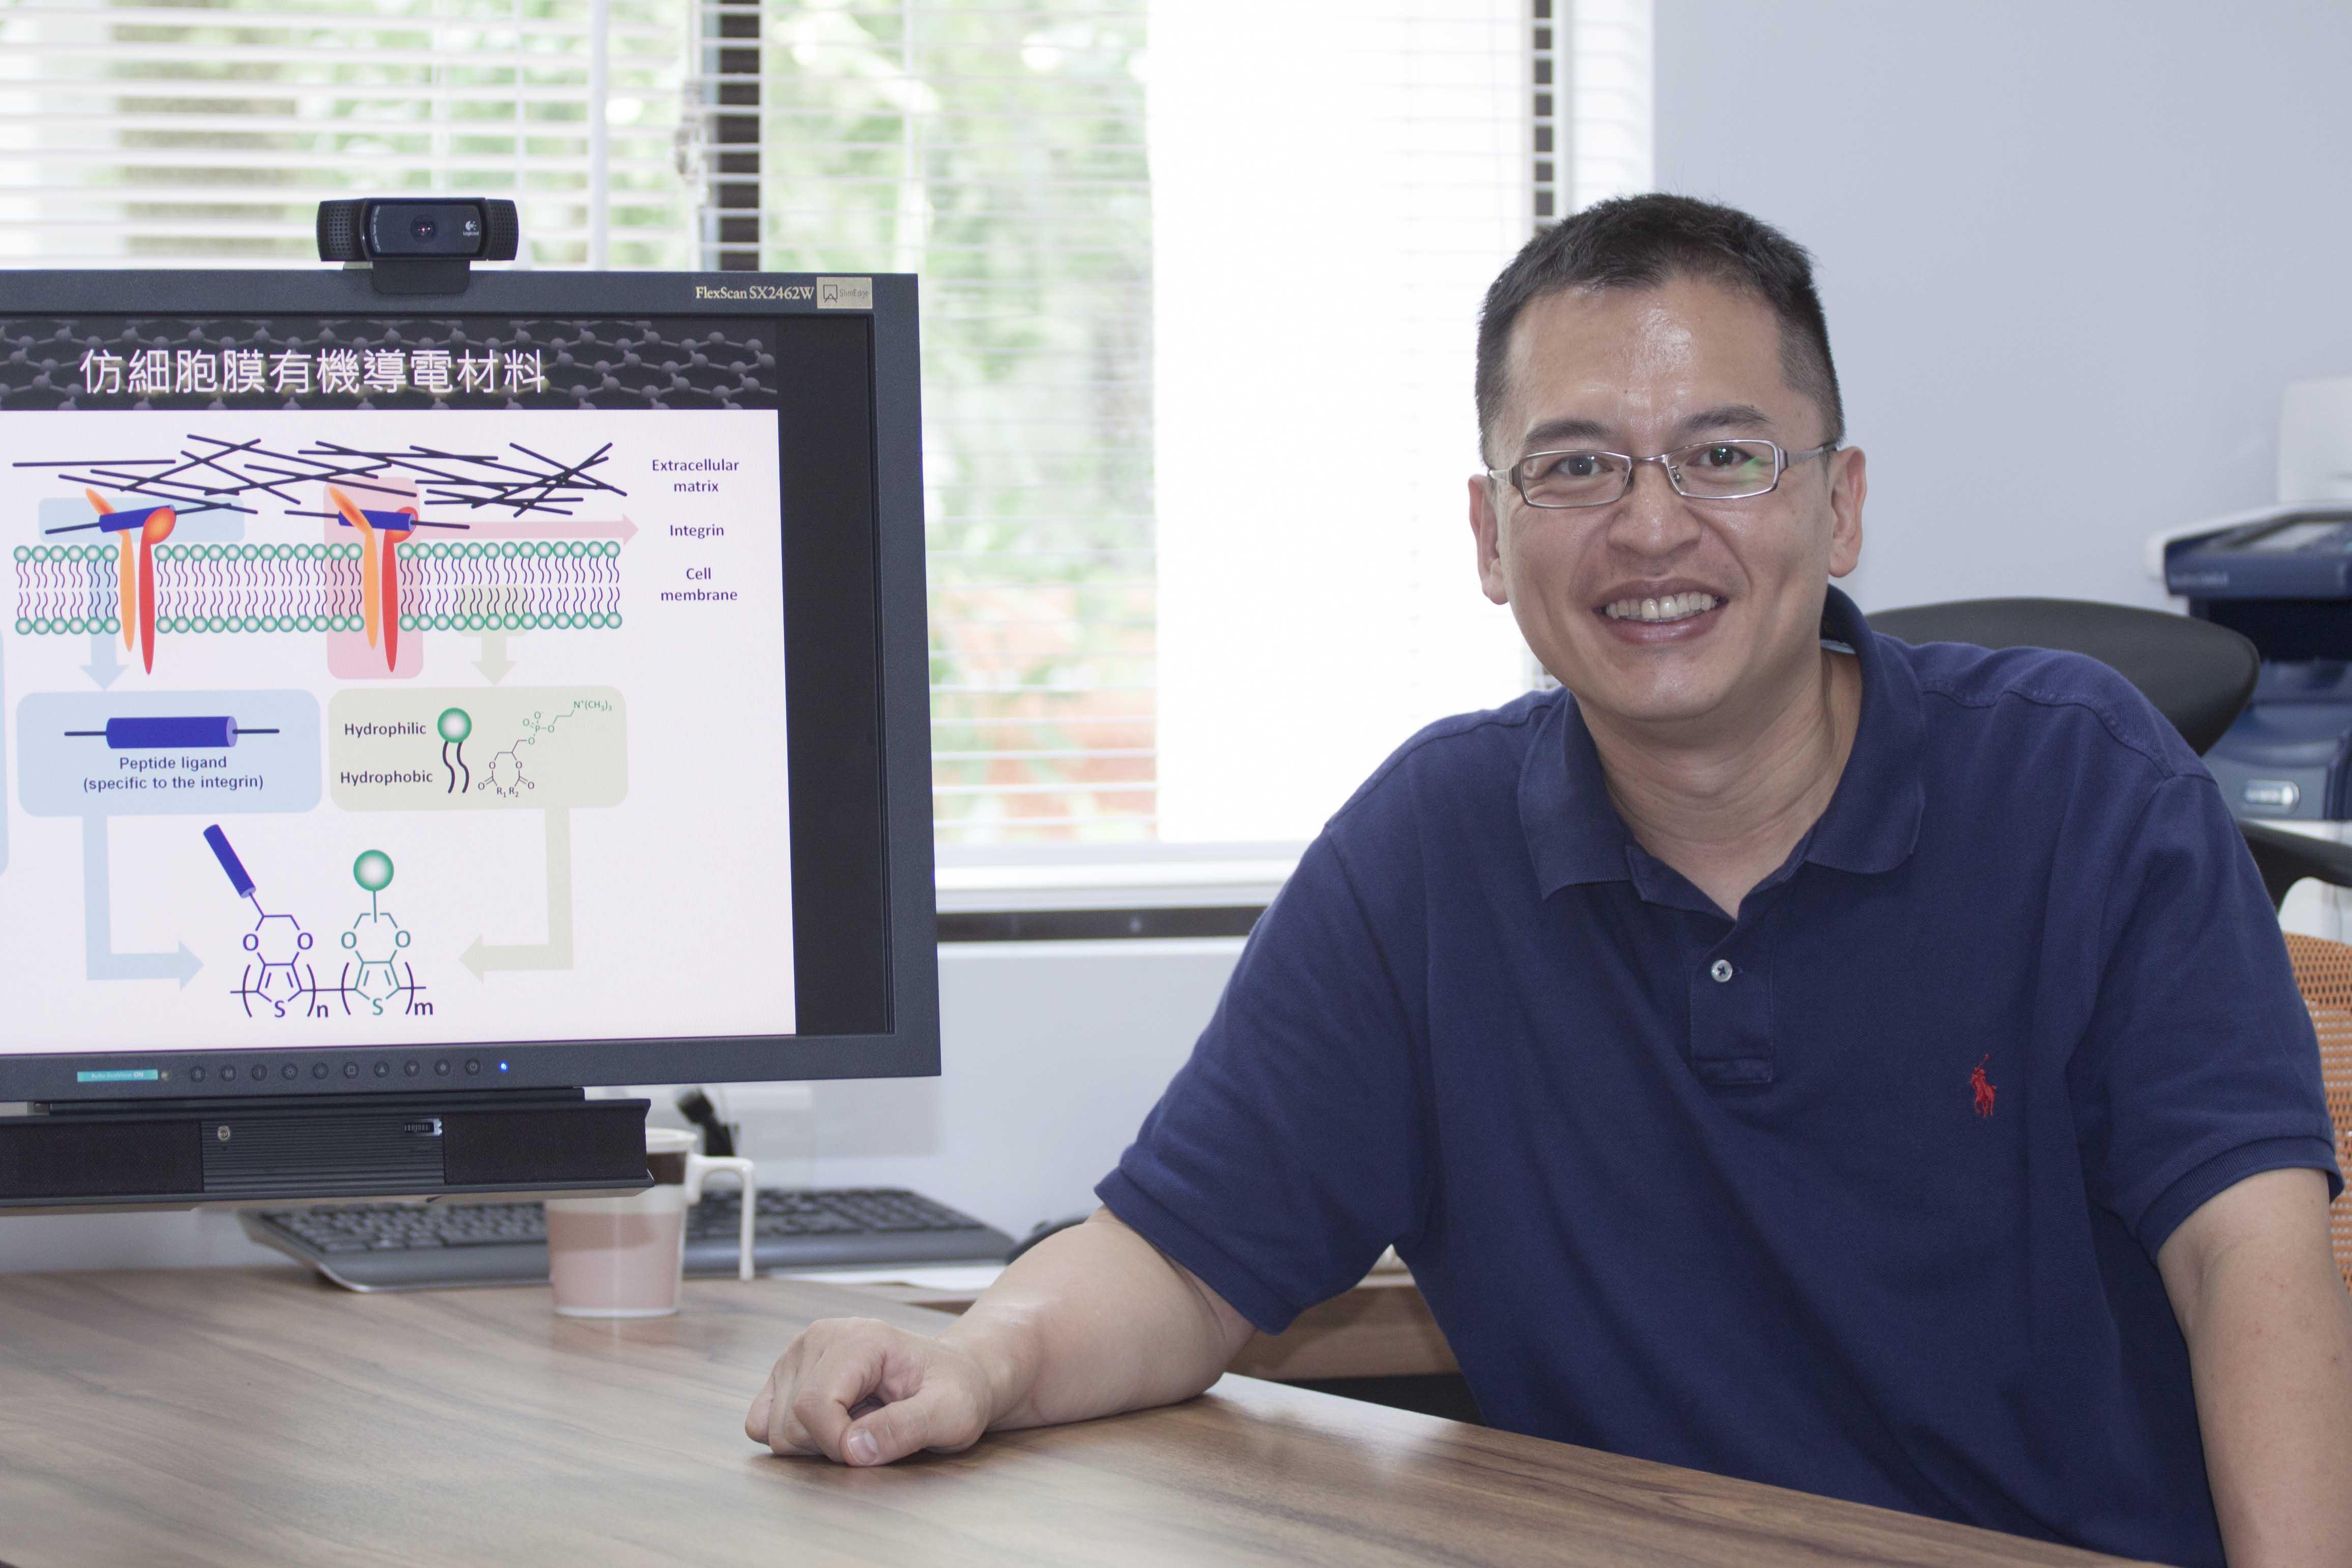 接下來,尤嘯華將介紹團隊研發的兩個有機生物電子材料:「仿生細胞薄膜」與「追蹤癌細胞轉移的奈米晶片」。 攝影│張語辰